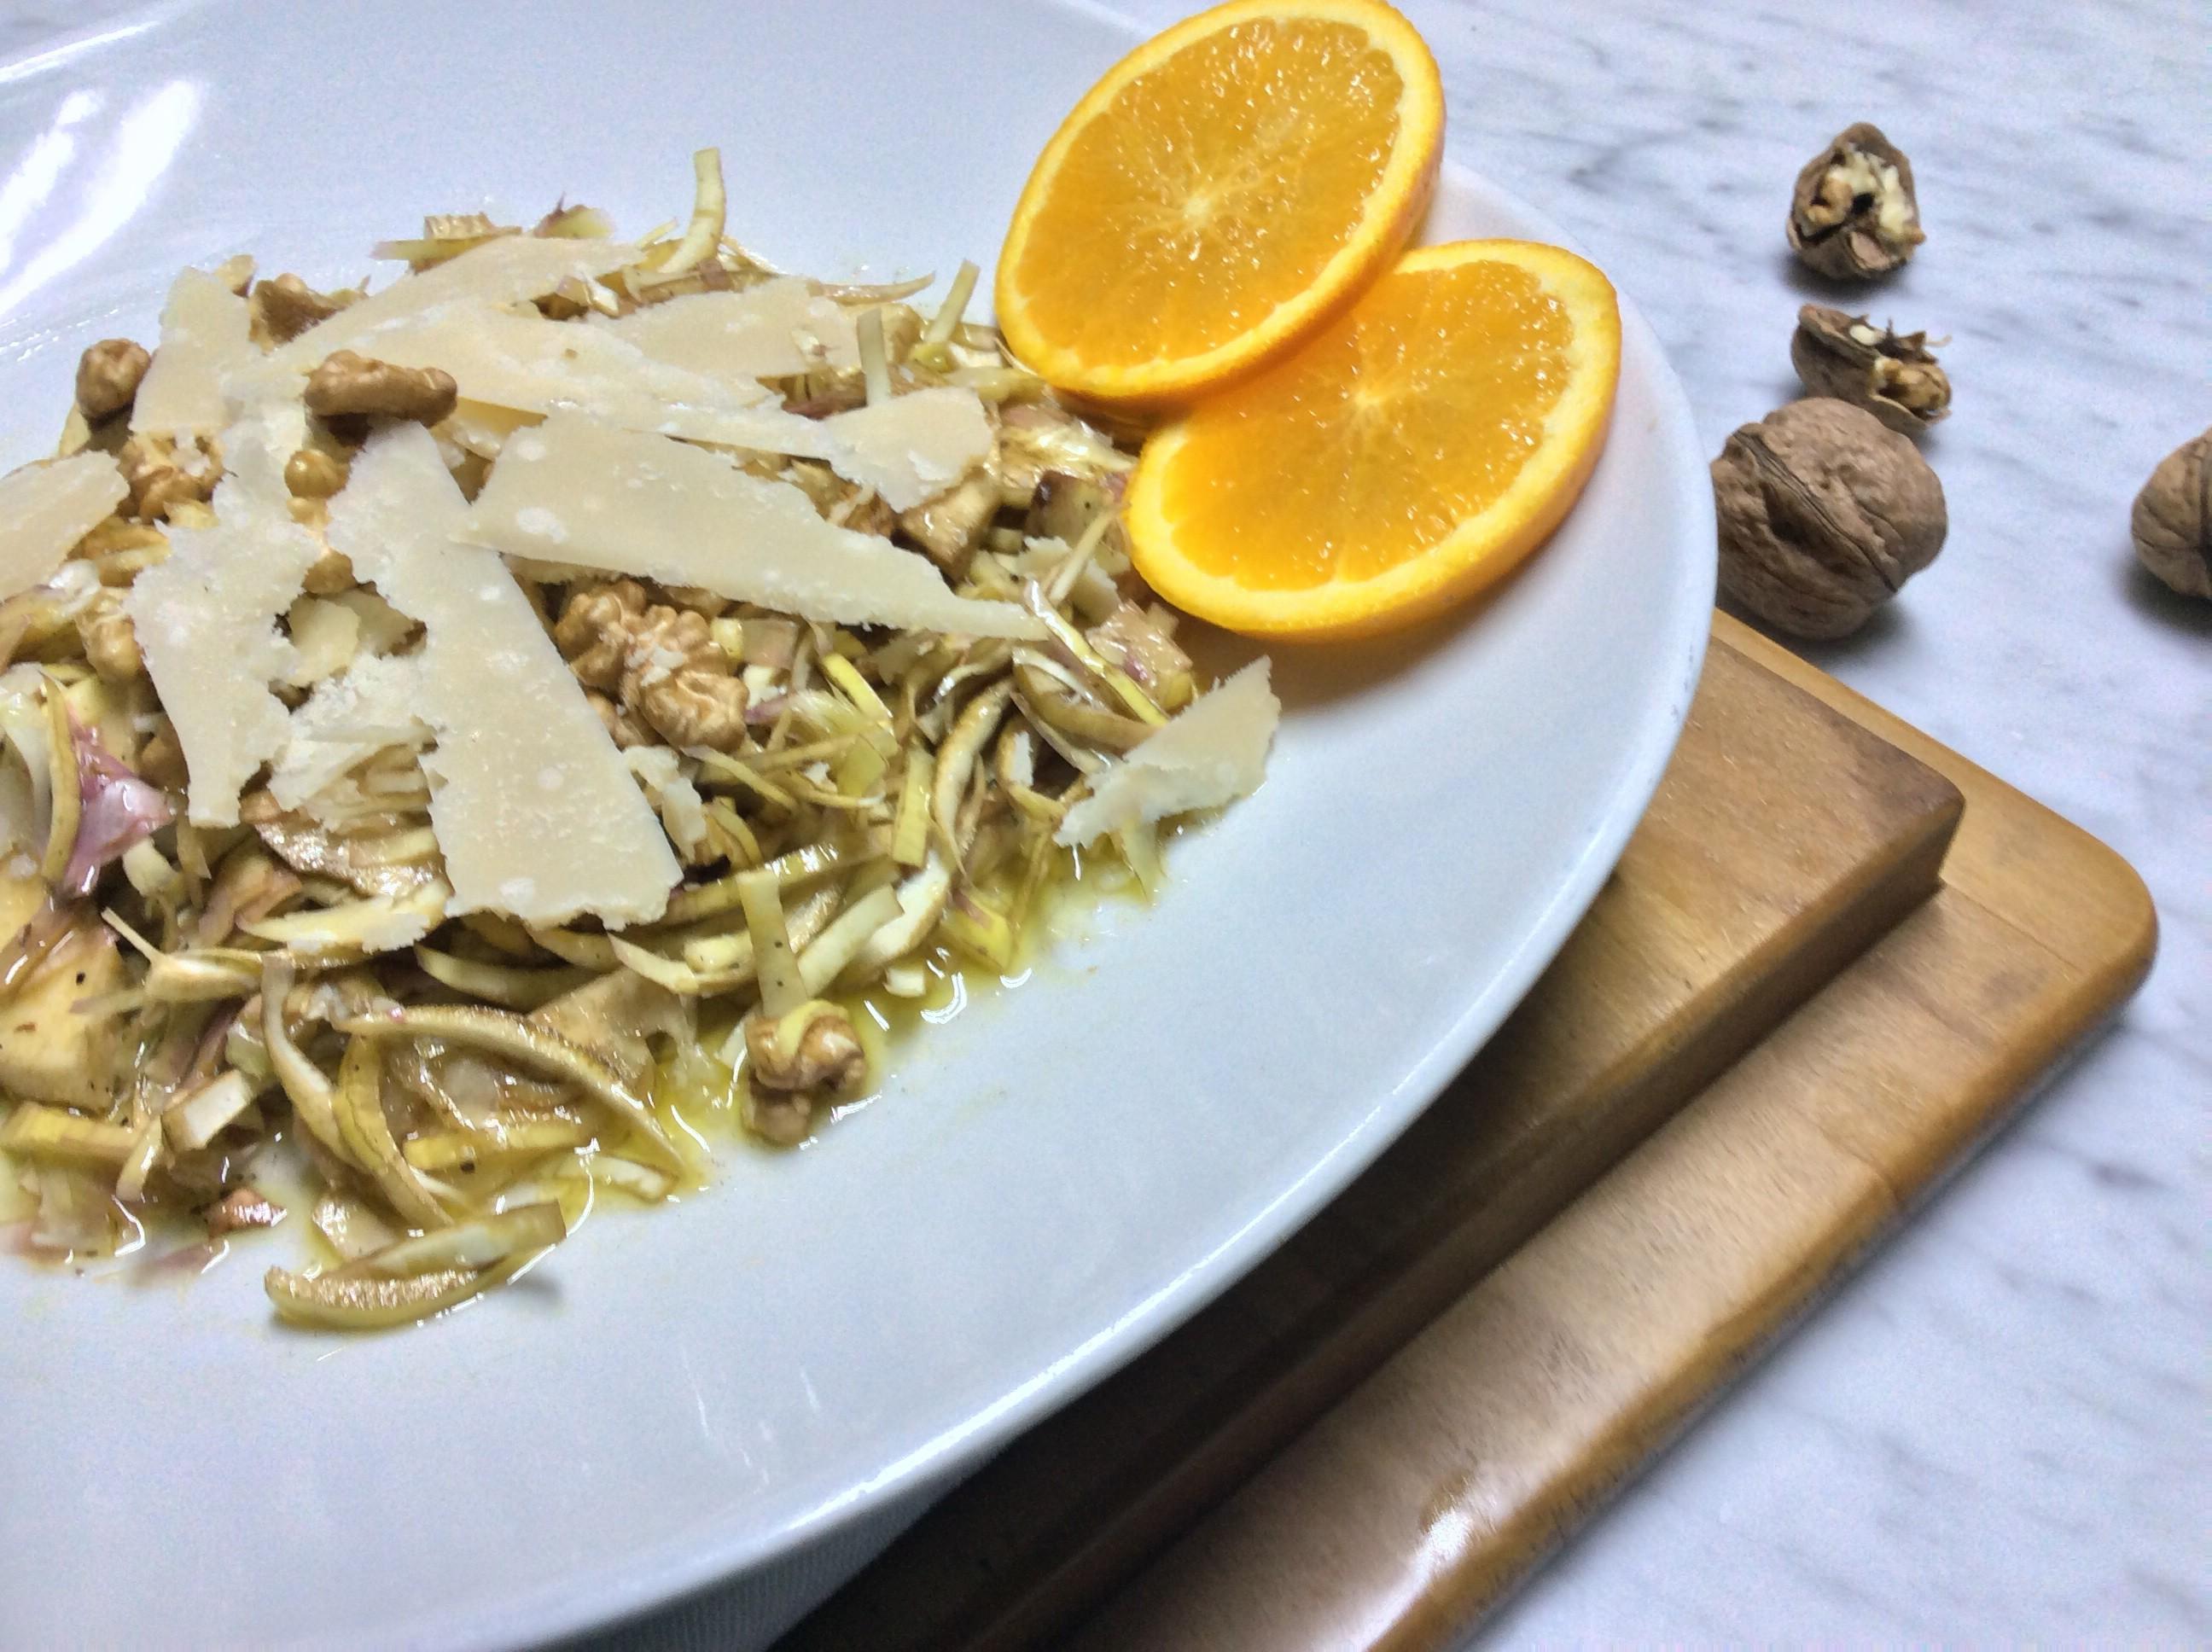 Cuori di carciofi in insalata